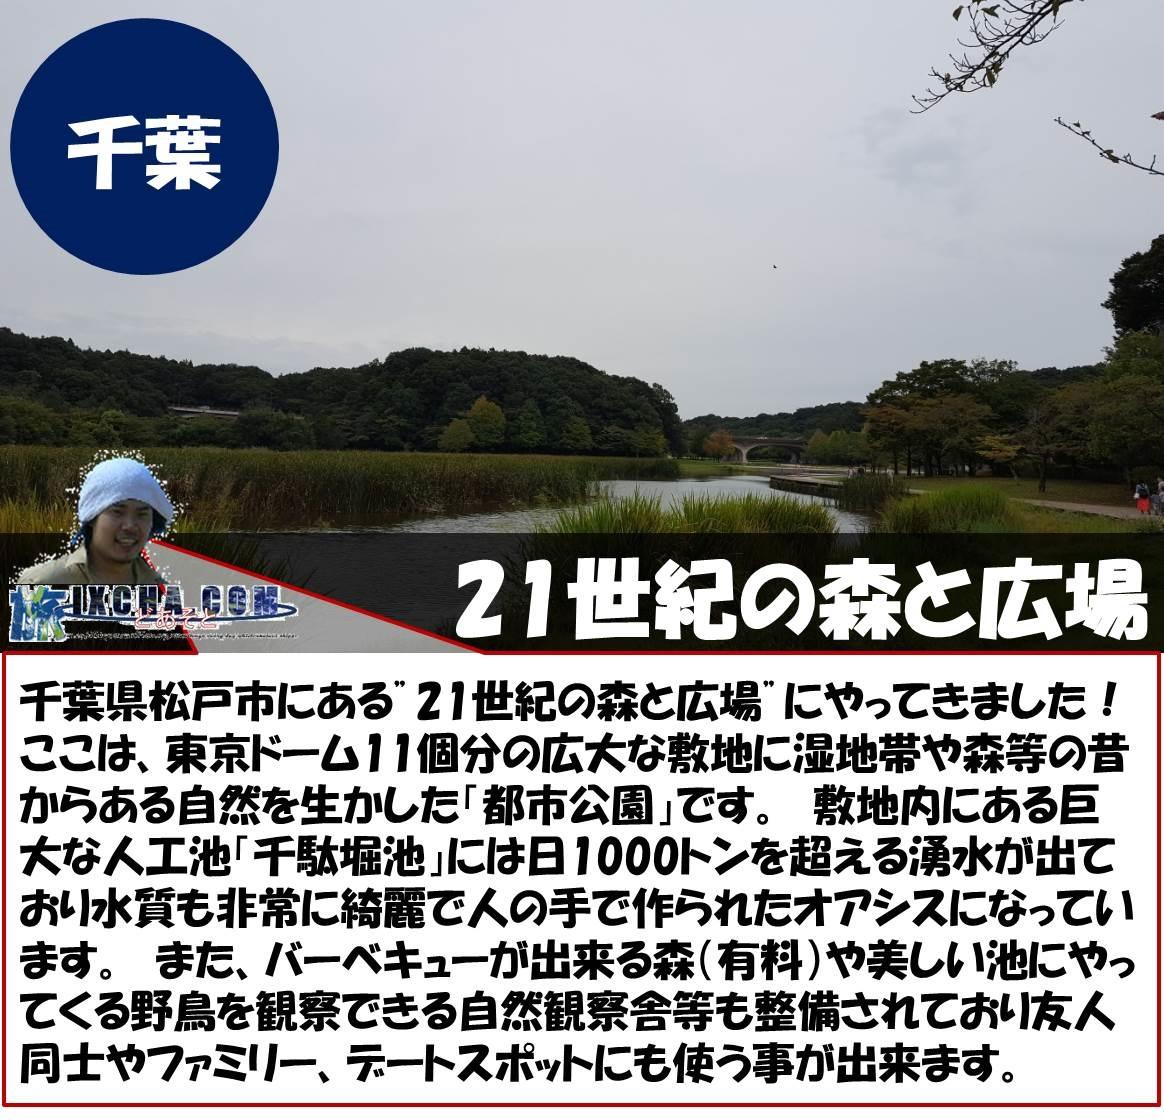 """千葉 21世紀の森と広場 千葉県松戸市にある""""21世紀の森と広場""""にやってきました! ここは、東京ドーム11個分の広大な敷地に湿地帯や森等の昔からある自然を生かした「都市公園」です。 敷地内にある巨大な人工池「千駄堀池」には日1000トンを超える湧水が出ており水質も非常に綺麗で人の手で作られたオアシスになっています。 また、バーベキューが出来る森(有料)や美しい池にやってくる野鳥を観察できる自然観察舎等も整備されており友人同士やファミリー、デートスポットにも使う事が出来ます。"""